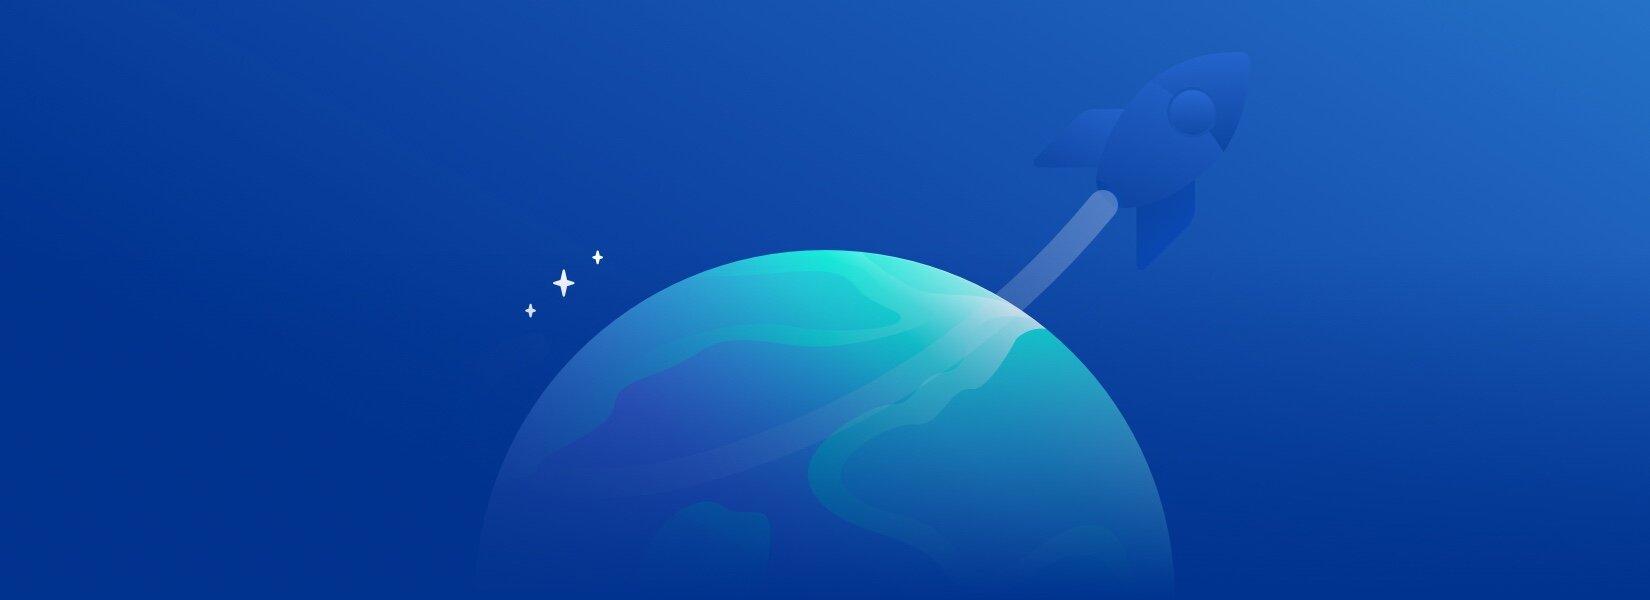 ORION Rocket